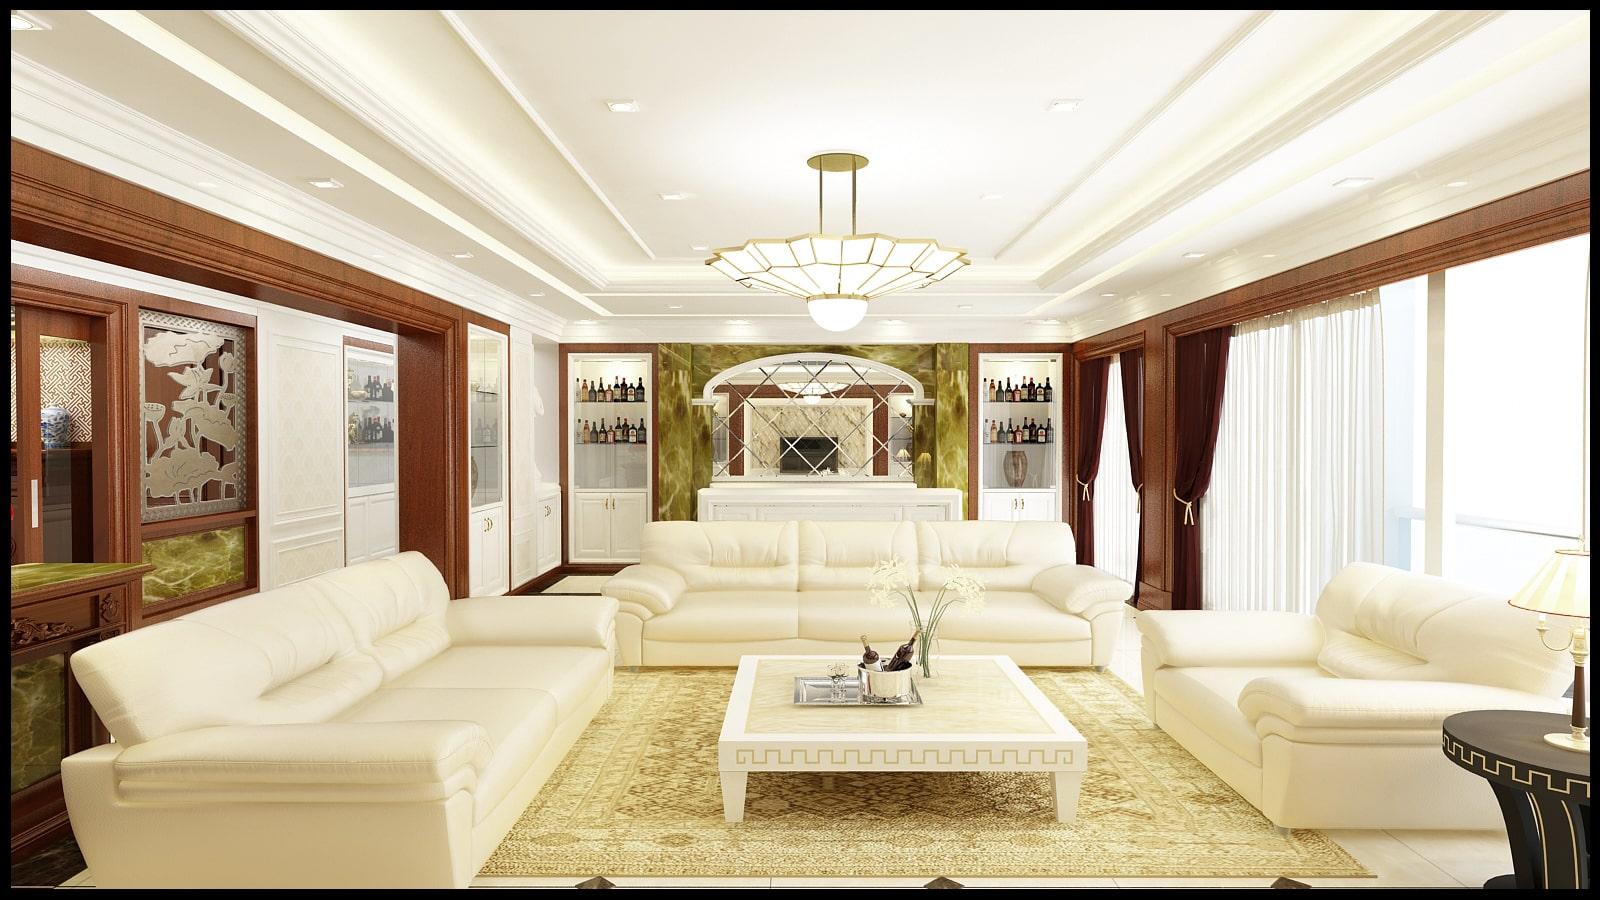 Thiết kế nội thất phòng khách tân cổ điển - gia đình anh Phong